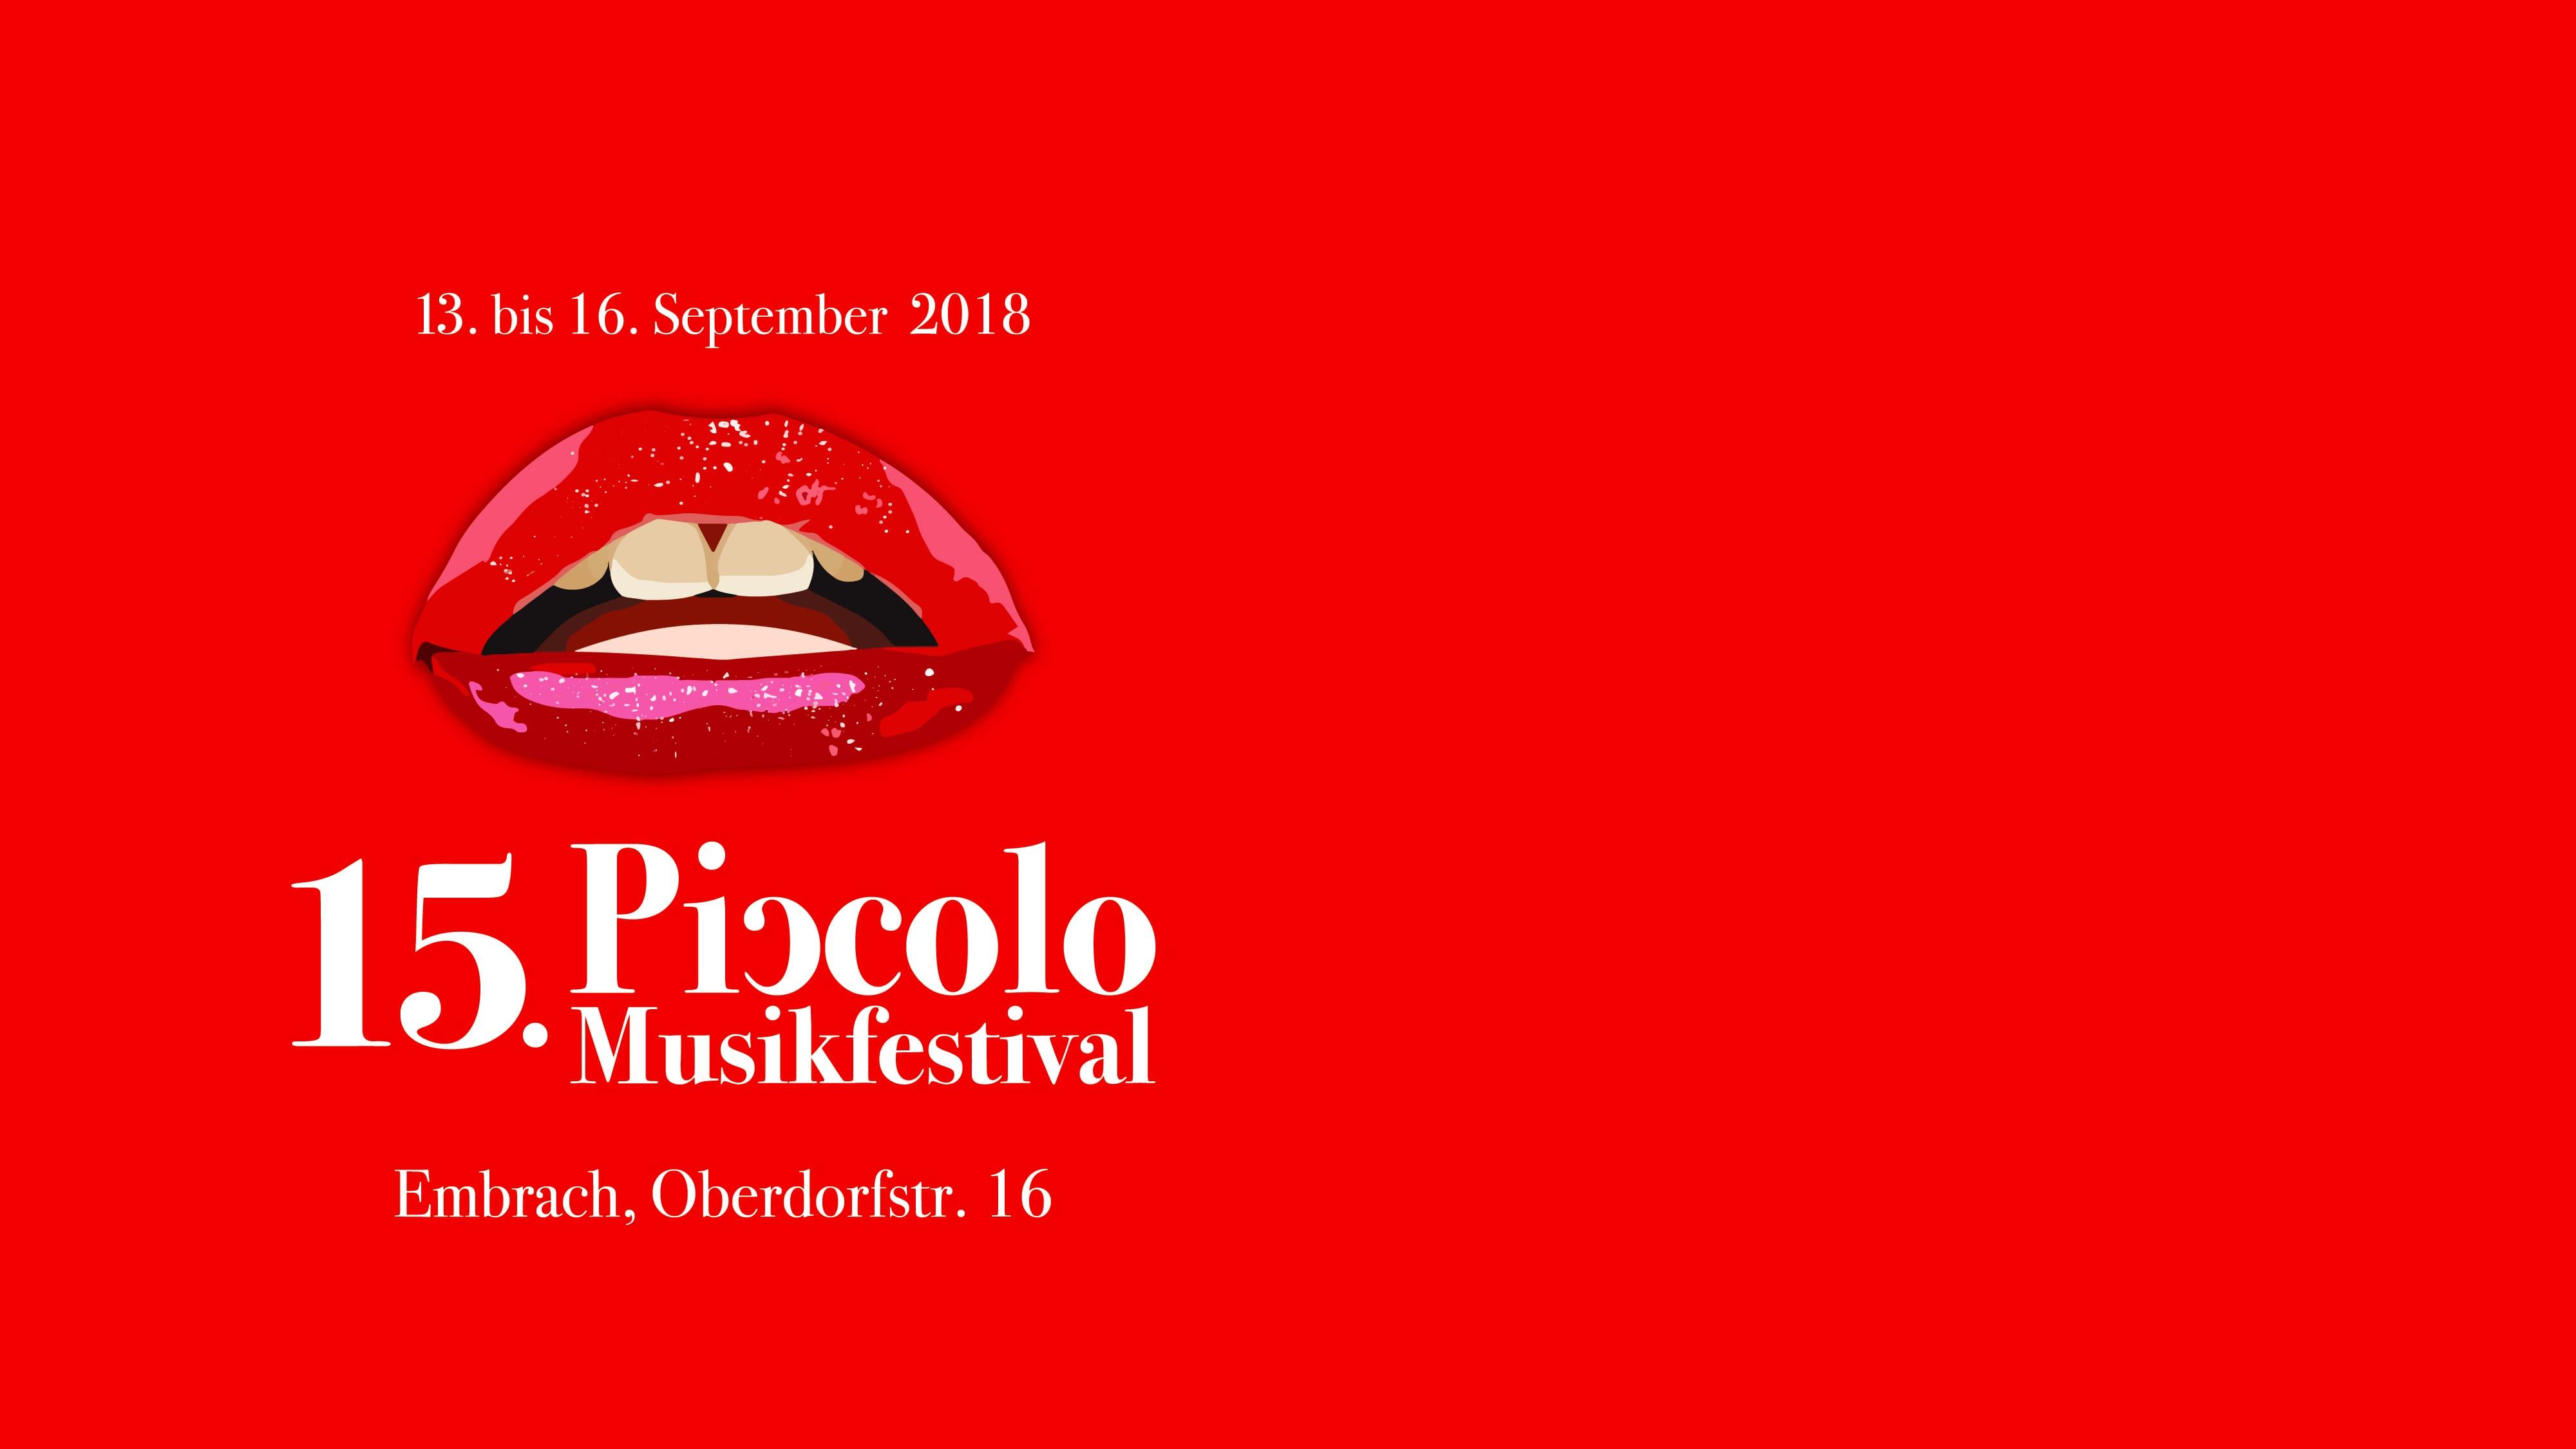 15. Piccolo Musikfestival 2018